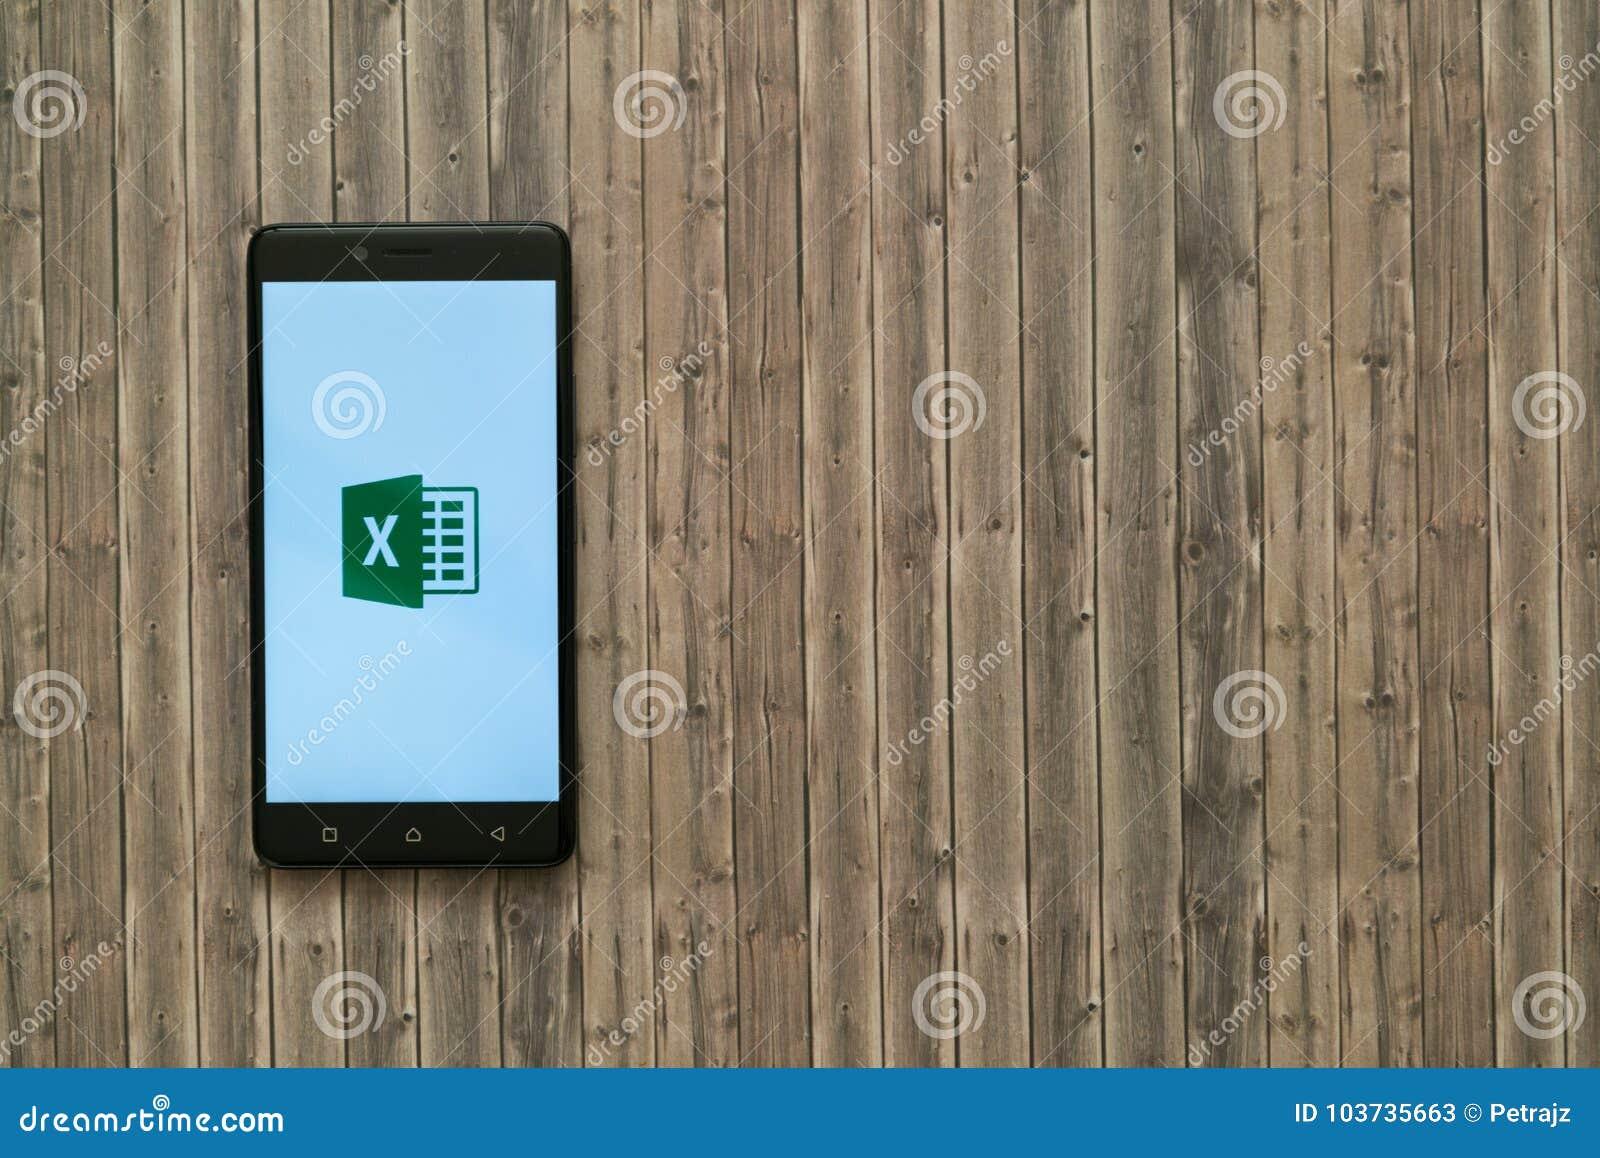 Microsoft Office przoduje loga na smartphone ekranie na drewnianym tle